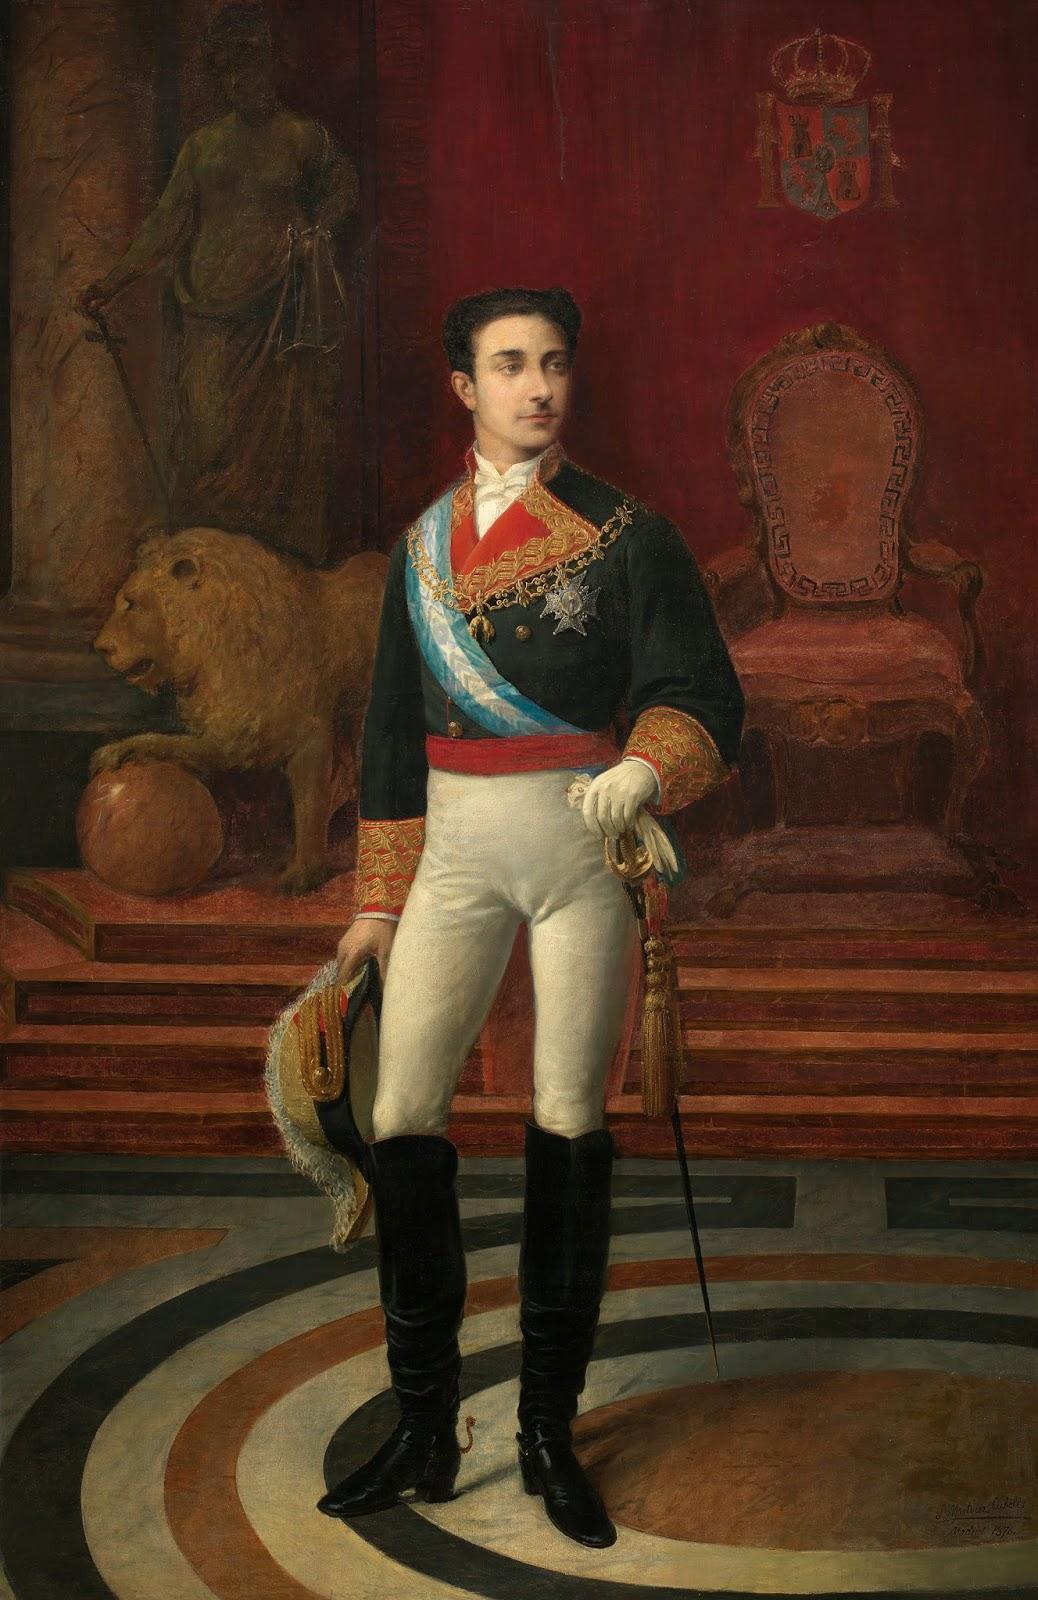 Tal da como hoy en Madrid 23 enero 1878 el rey Alfonso XII se casa por amor con la infanta